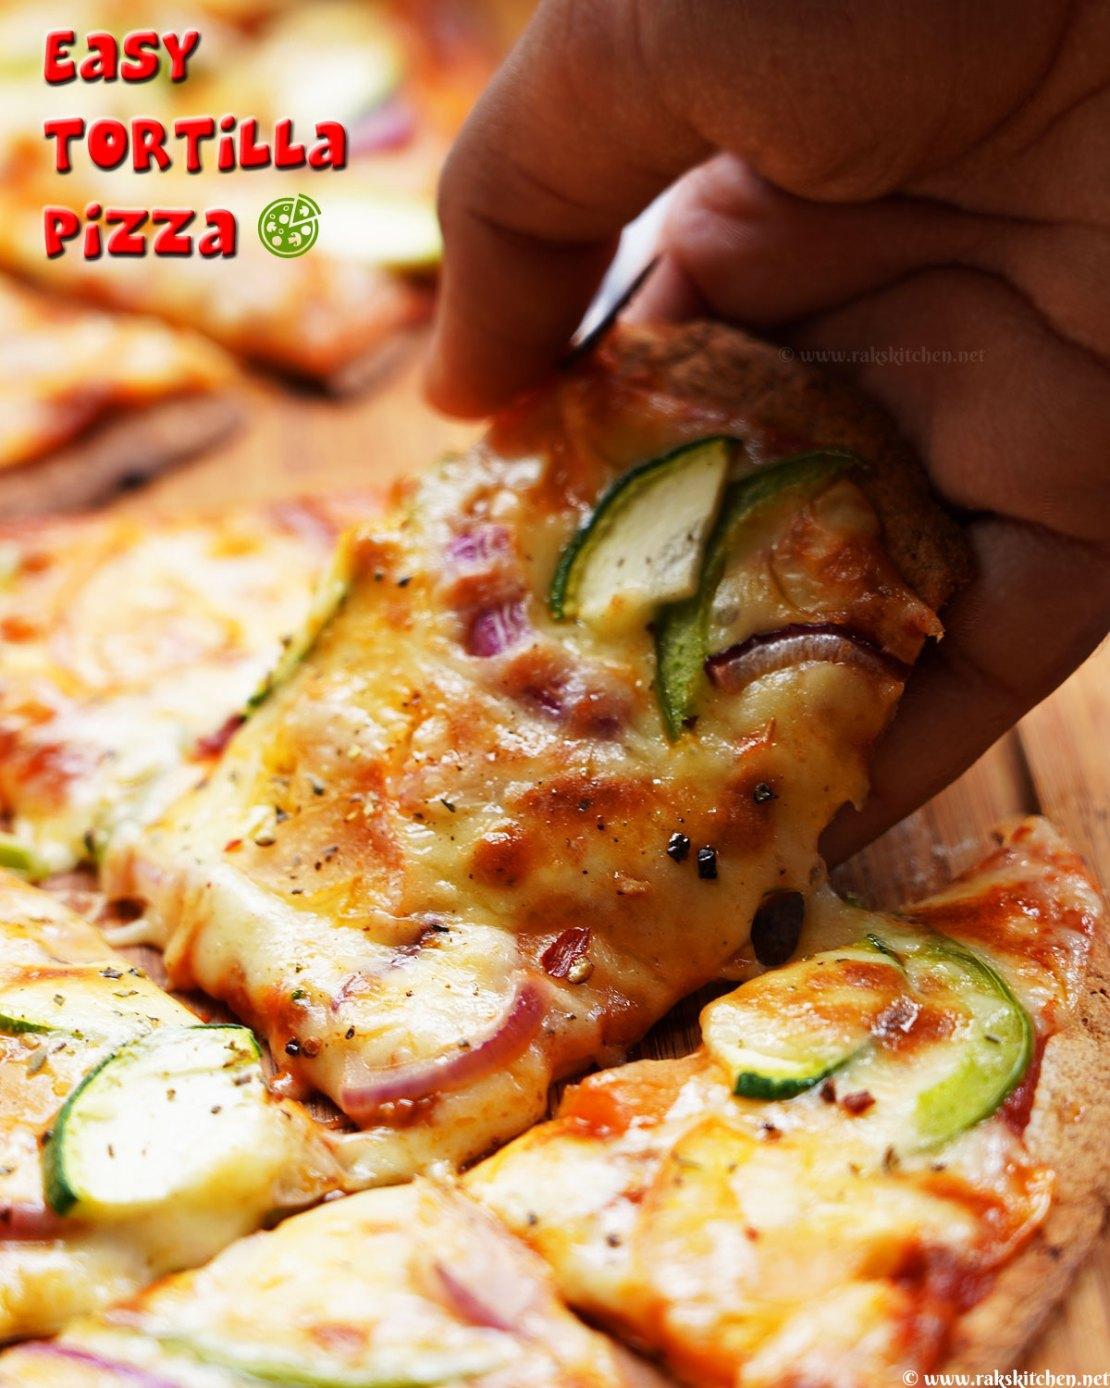 Tortilla pizza